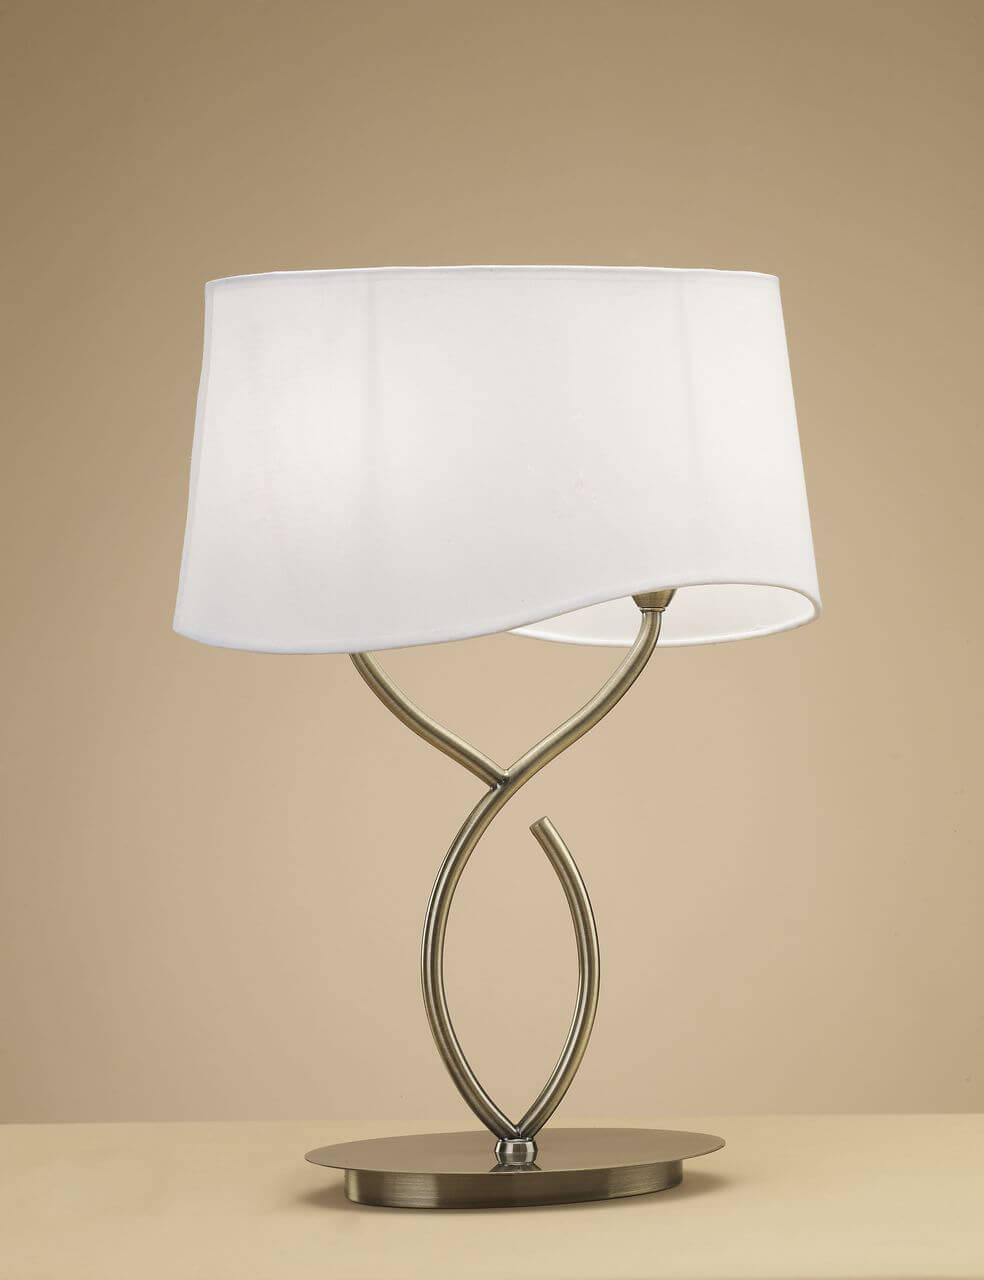 Настольный светильник Mantra 1926, E14, 20 Вт цена